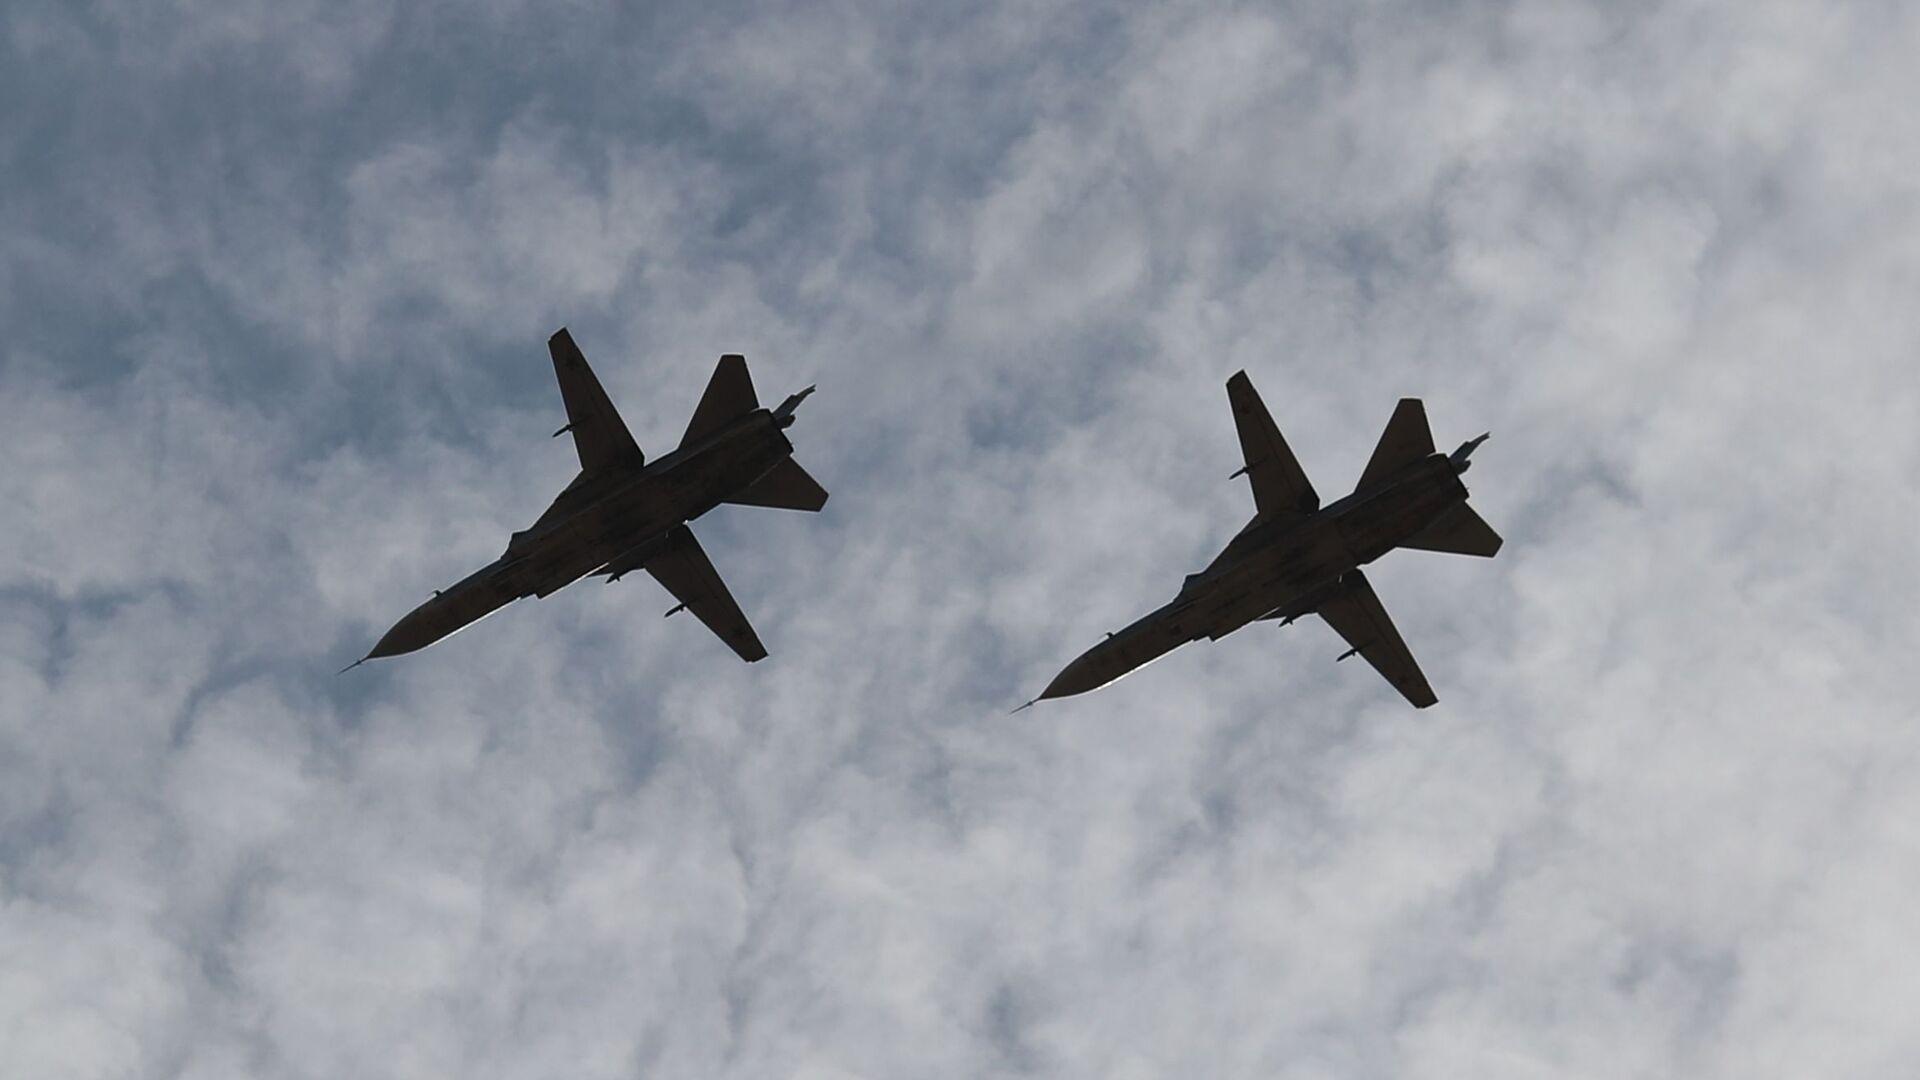 Фронтовые бомбардировщики Су-24 в небе во время международных российско-индийских учений Индра-2021  - Sputnik Česká republika, 1920, 27.08.2021